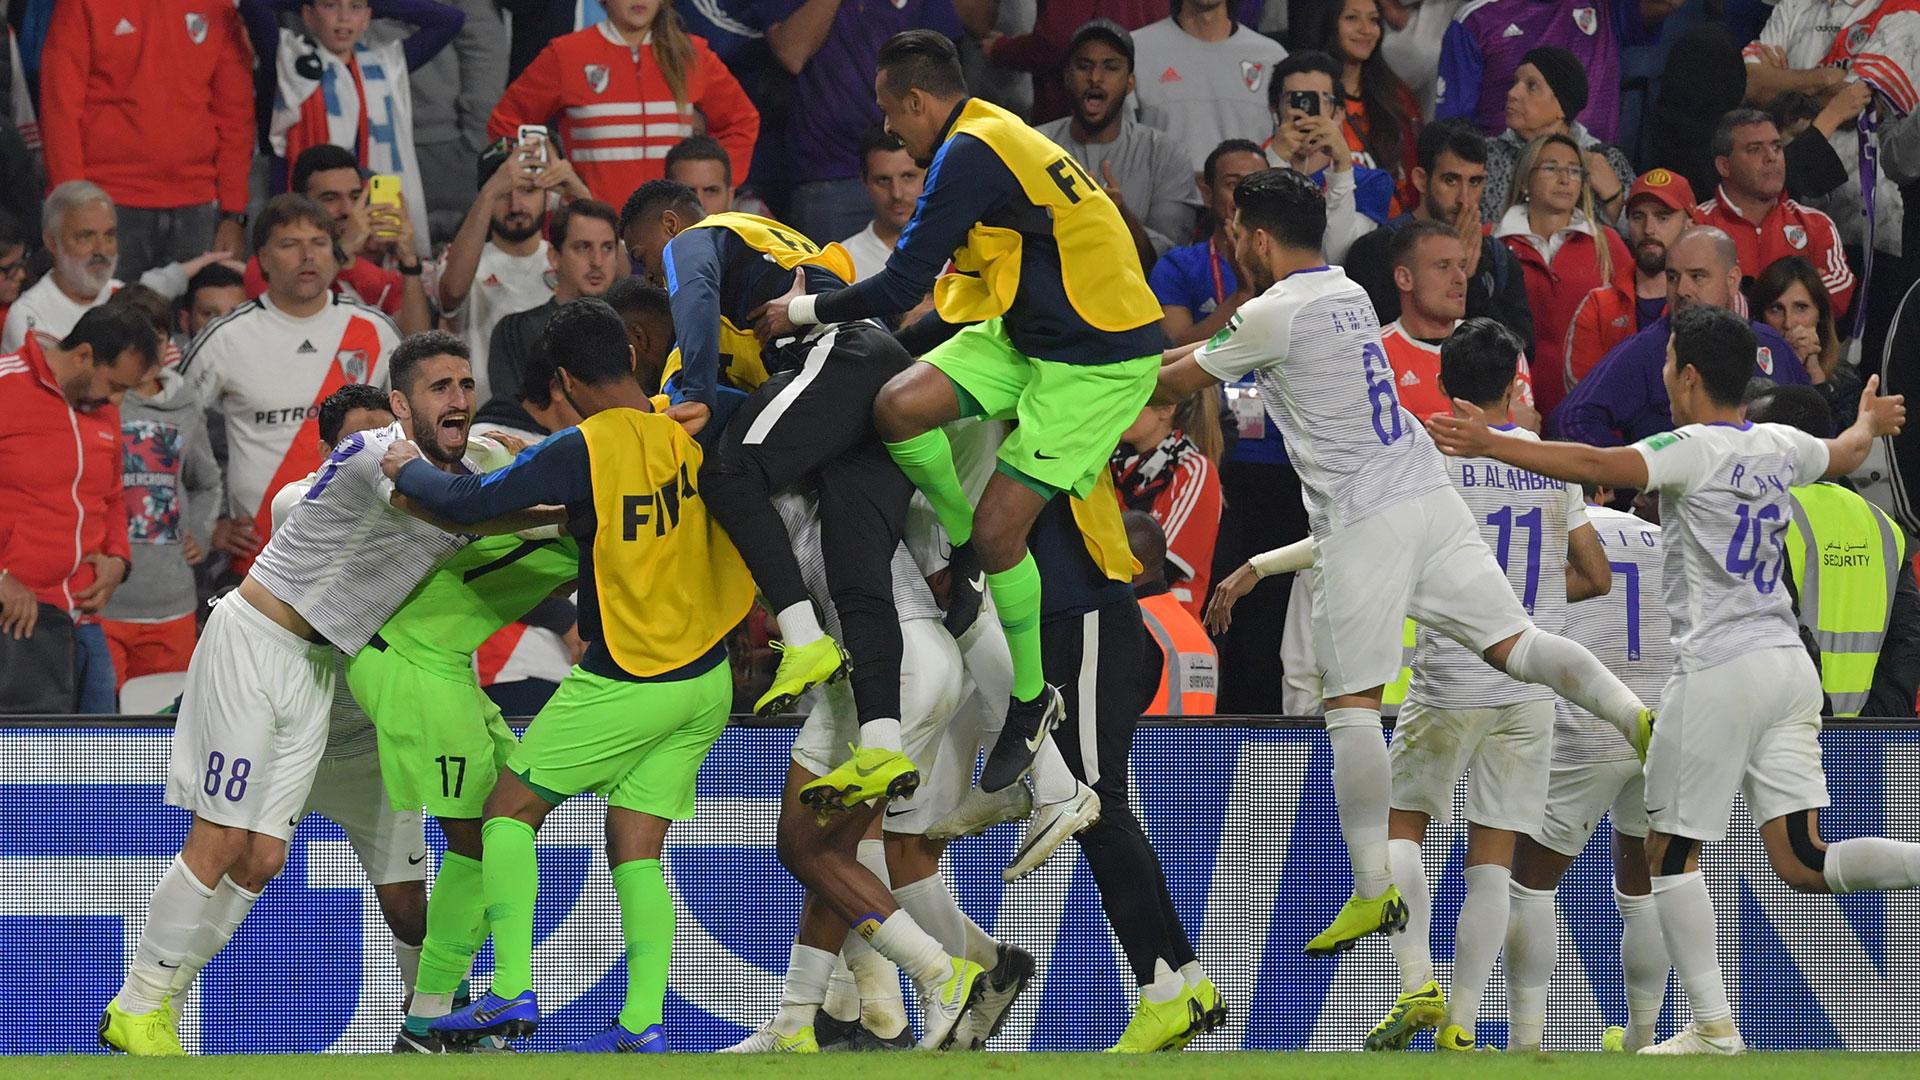 Los jugadores de Al Ain de Emiratos Árabes celebran la victoria por penales ante River Plate de Argentina que le dio un lugar en la final del Mundial de Clubes el 18 de diciembre